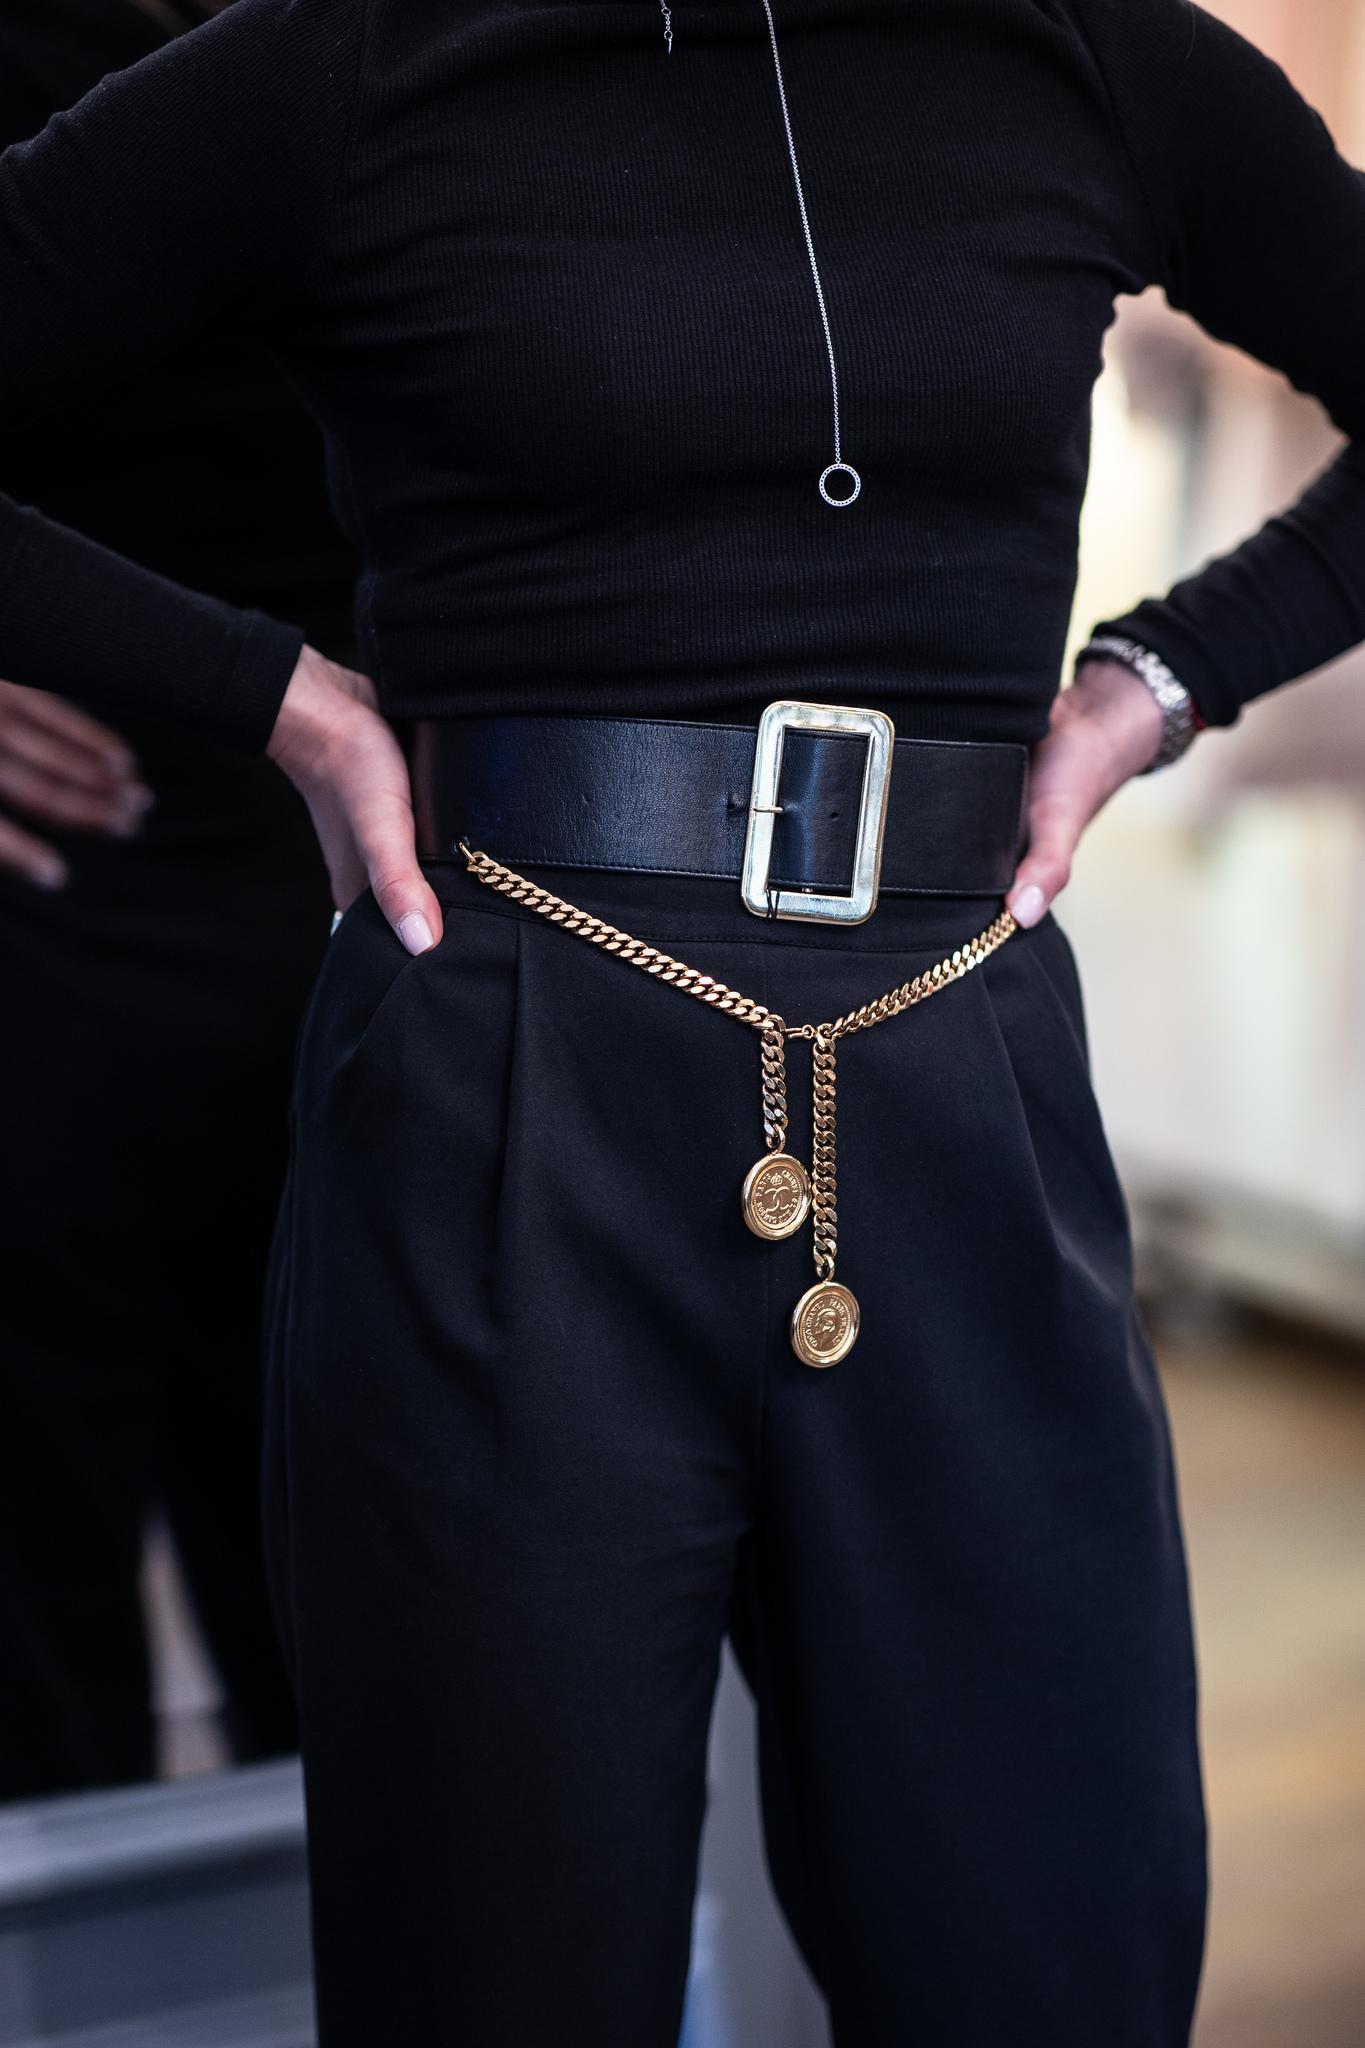 Кожаный ремень Chanel с подвесами-монетами 1980-е